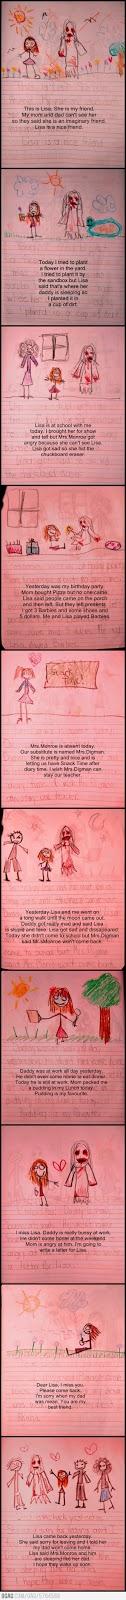 Creepy Diary